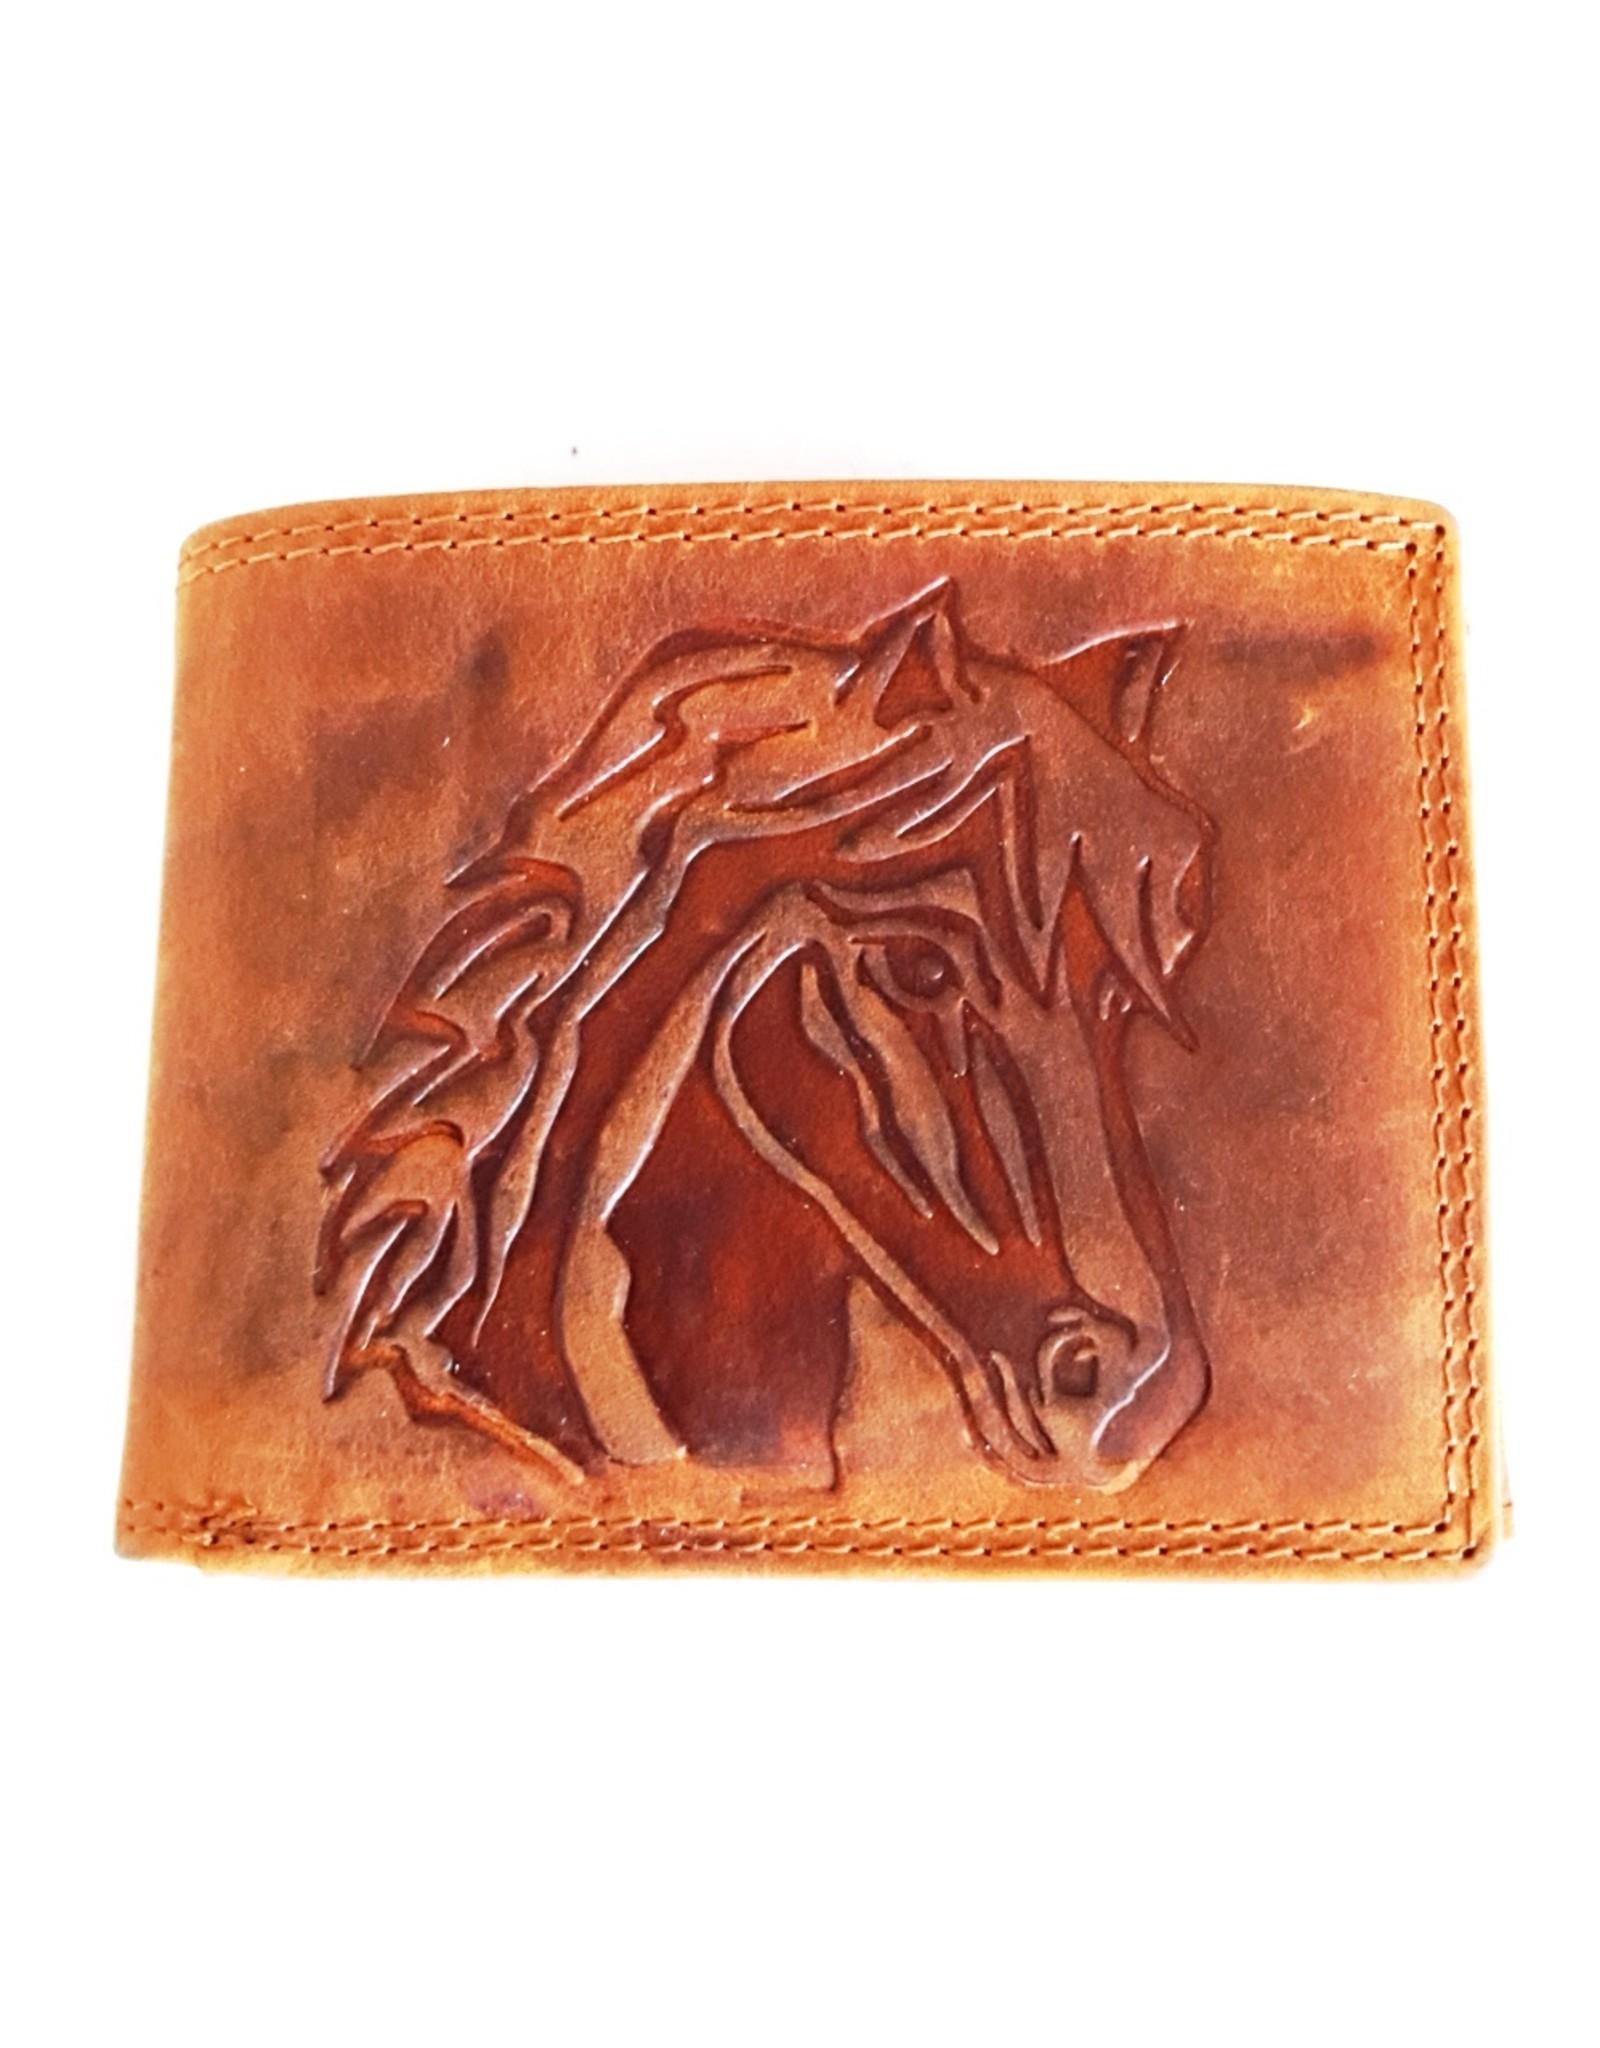 Hütmann Leren Portemonnees - Leren portemonnee met reliëf paardenhoofd (klein)